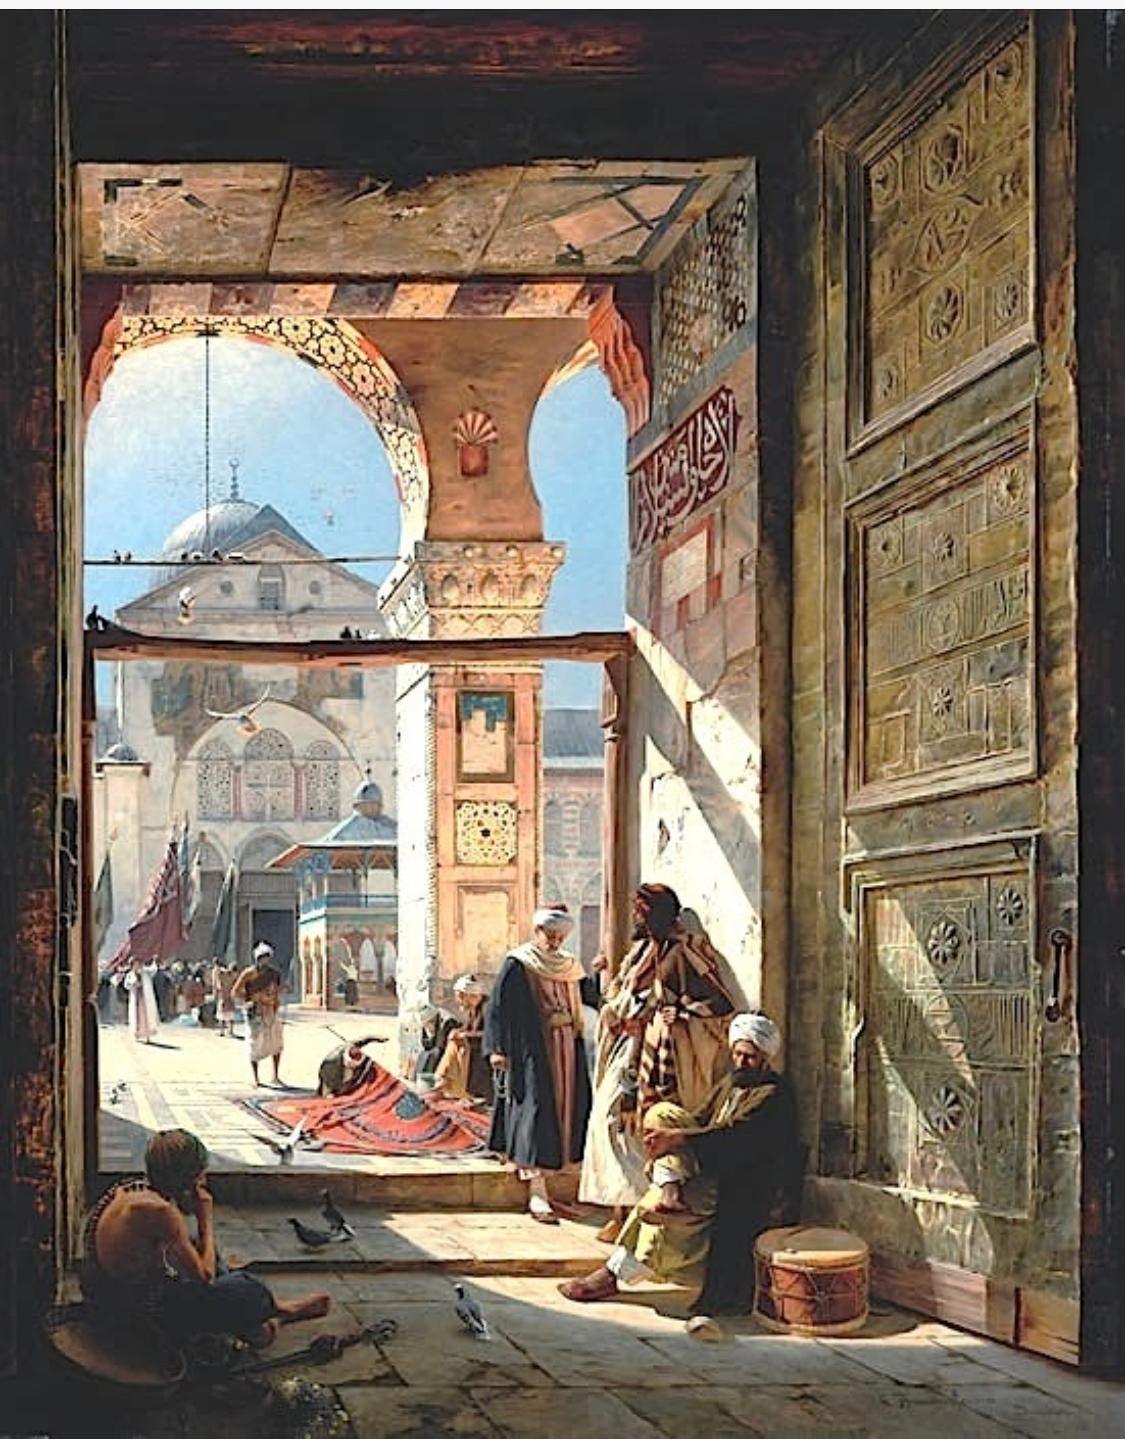 بوابة المسجد الأموي للرسام الألماني غوستاف بورنفيند